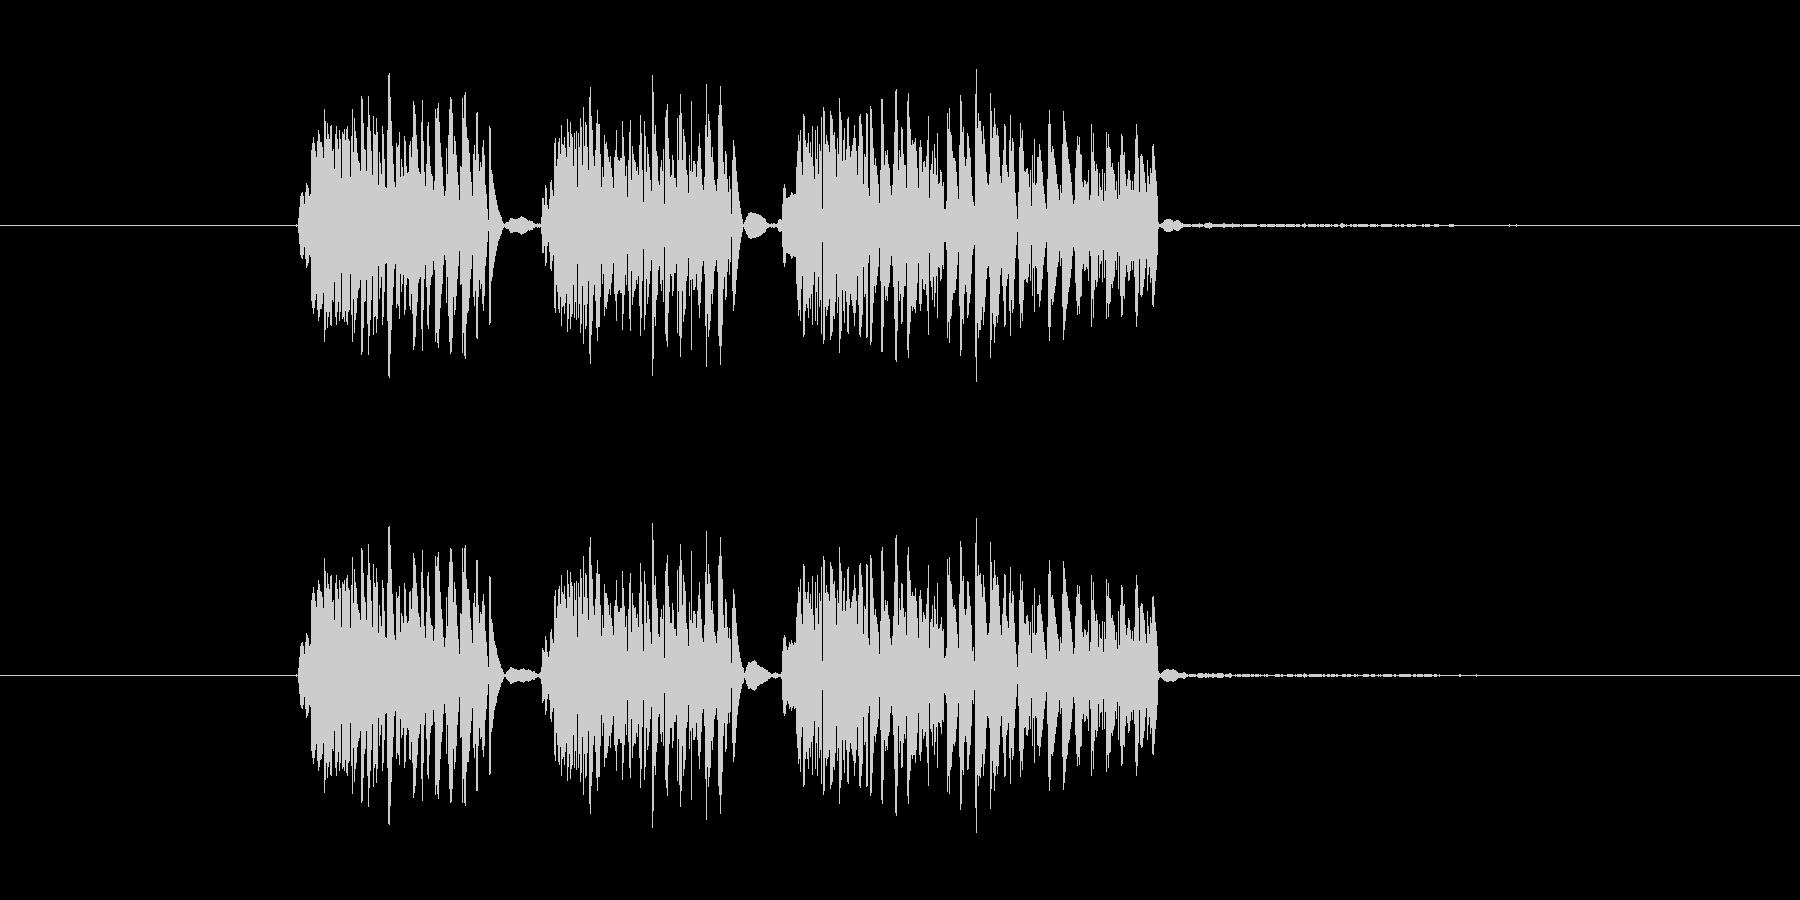 パンチ効果音 ダダダ ドドド 3連打の未再生の波形